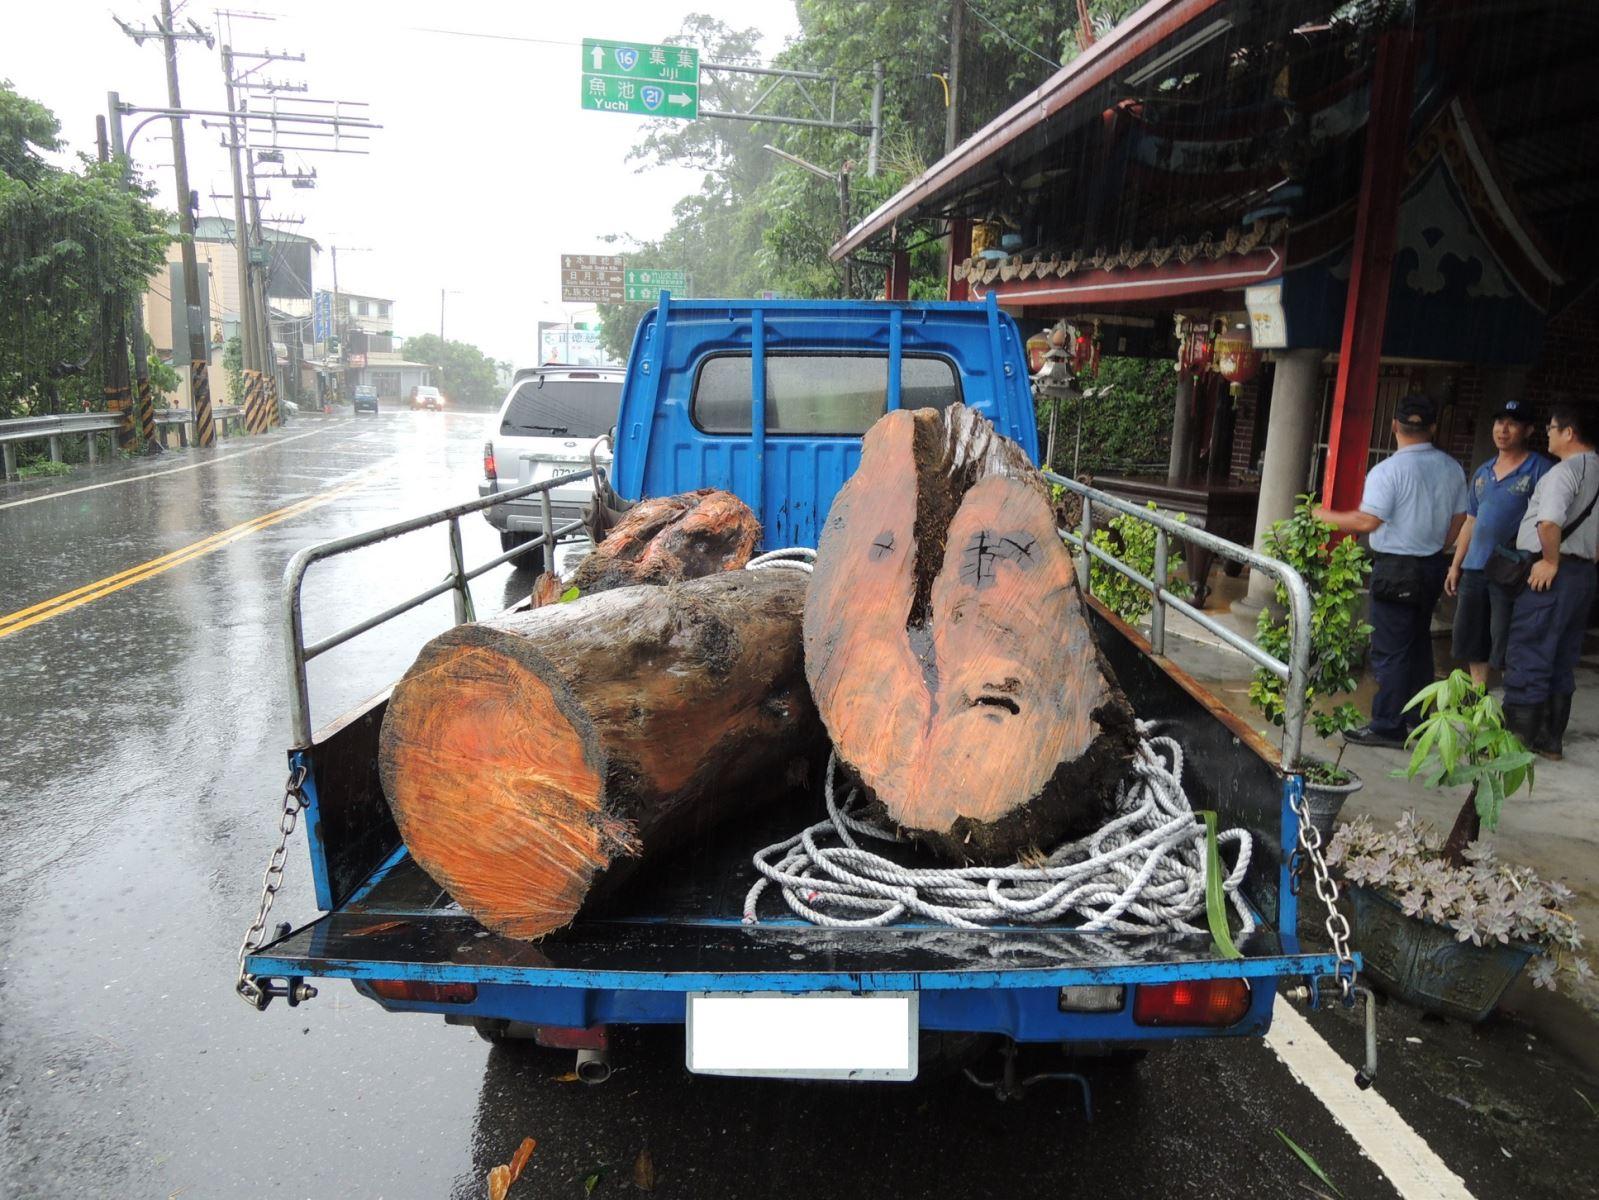 颱風過後撿拾漂流木 小心觸法